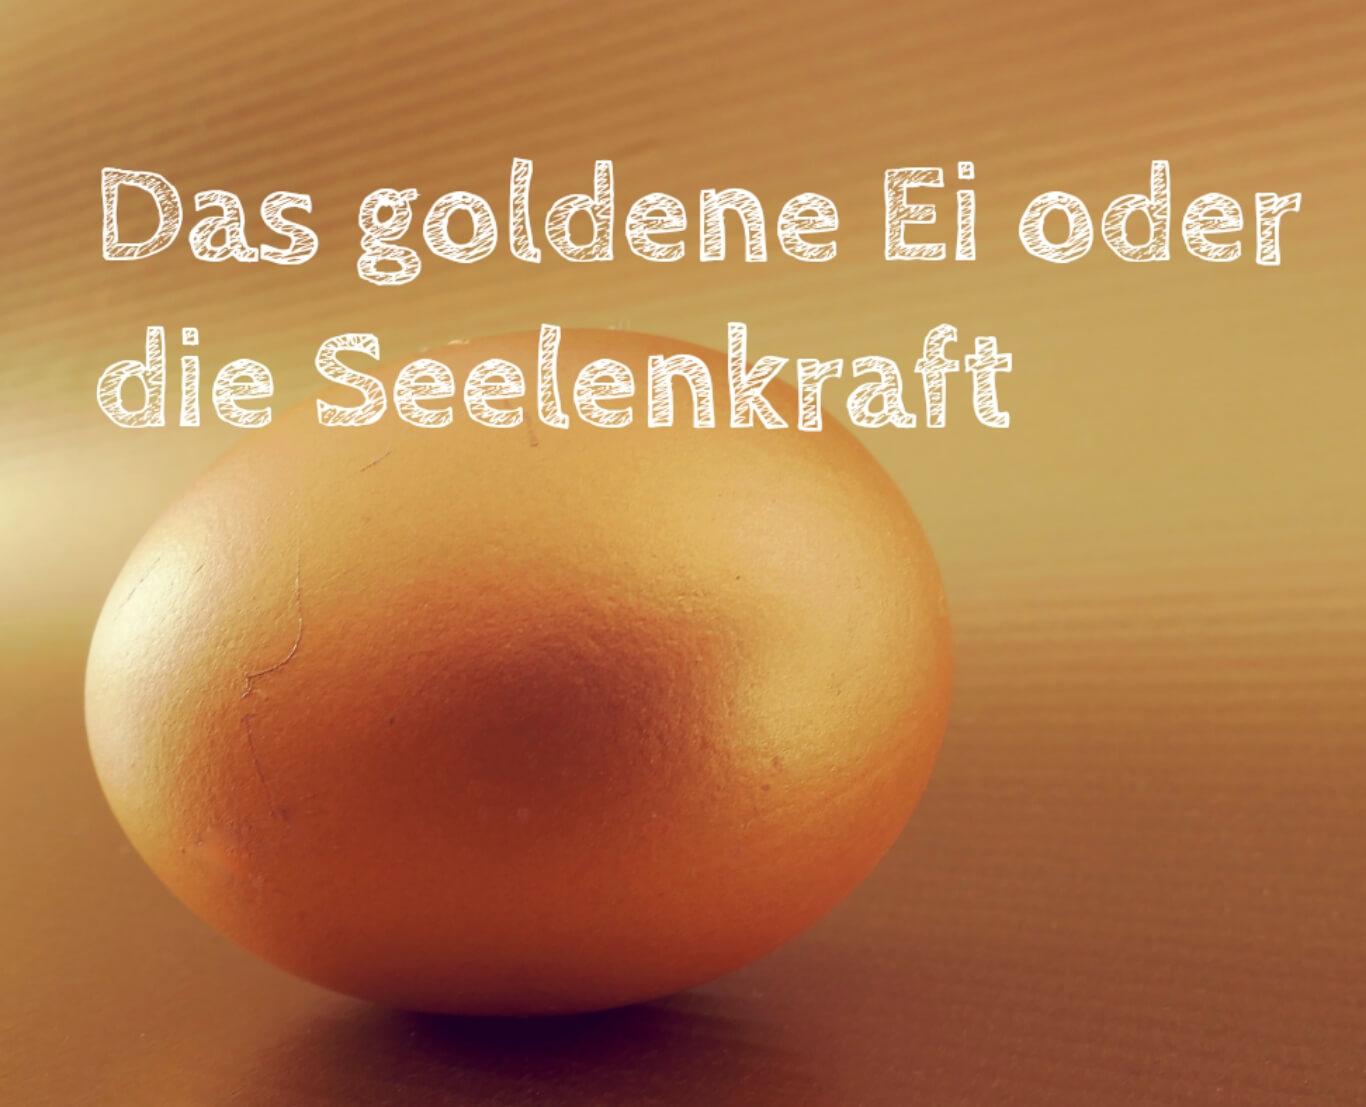 Das goldene Ei oder die Seelenkraft